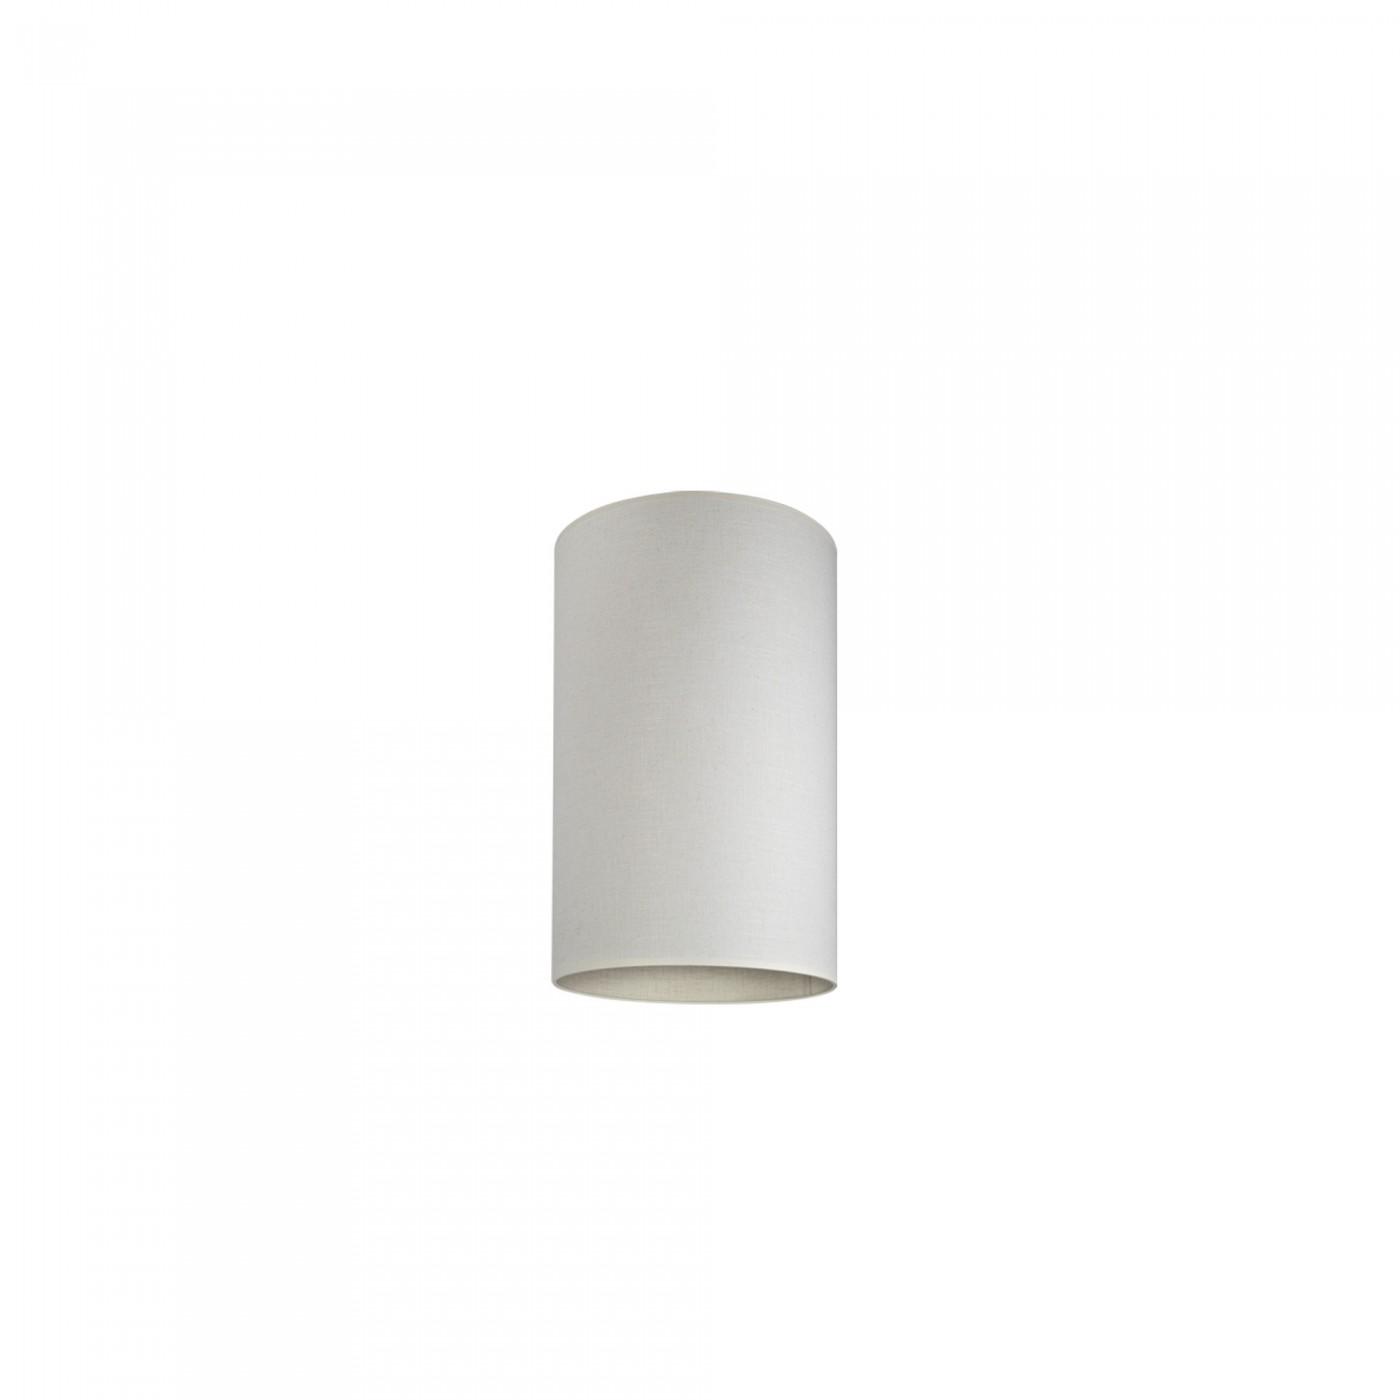 CAMELEON BARREL THIN S WH 8526 Nowodvorski Lighting